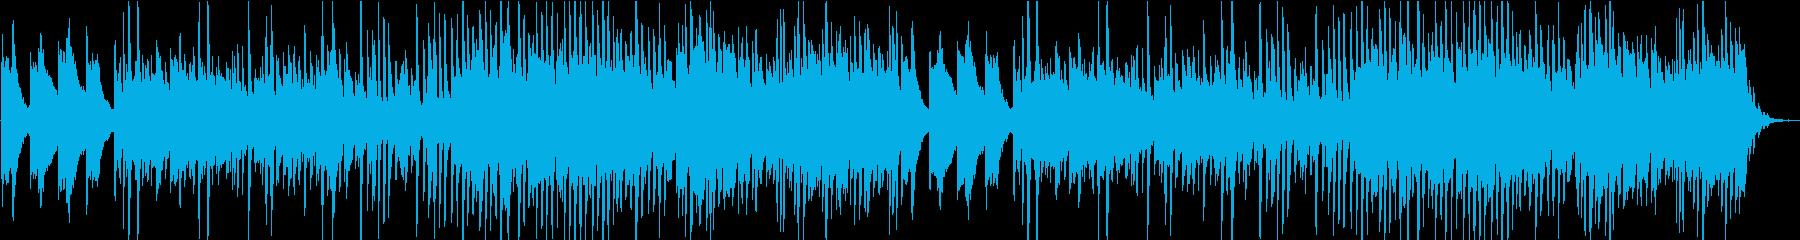 美しいピアノの響き~ファジーな印象の楽曲の再生済みの波形